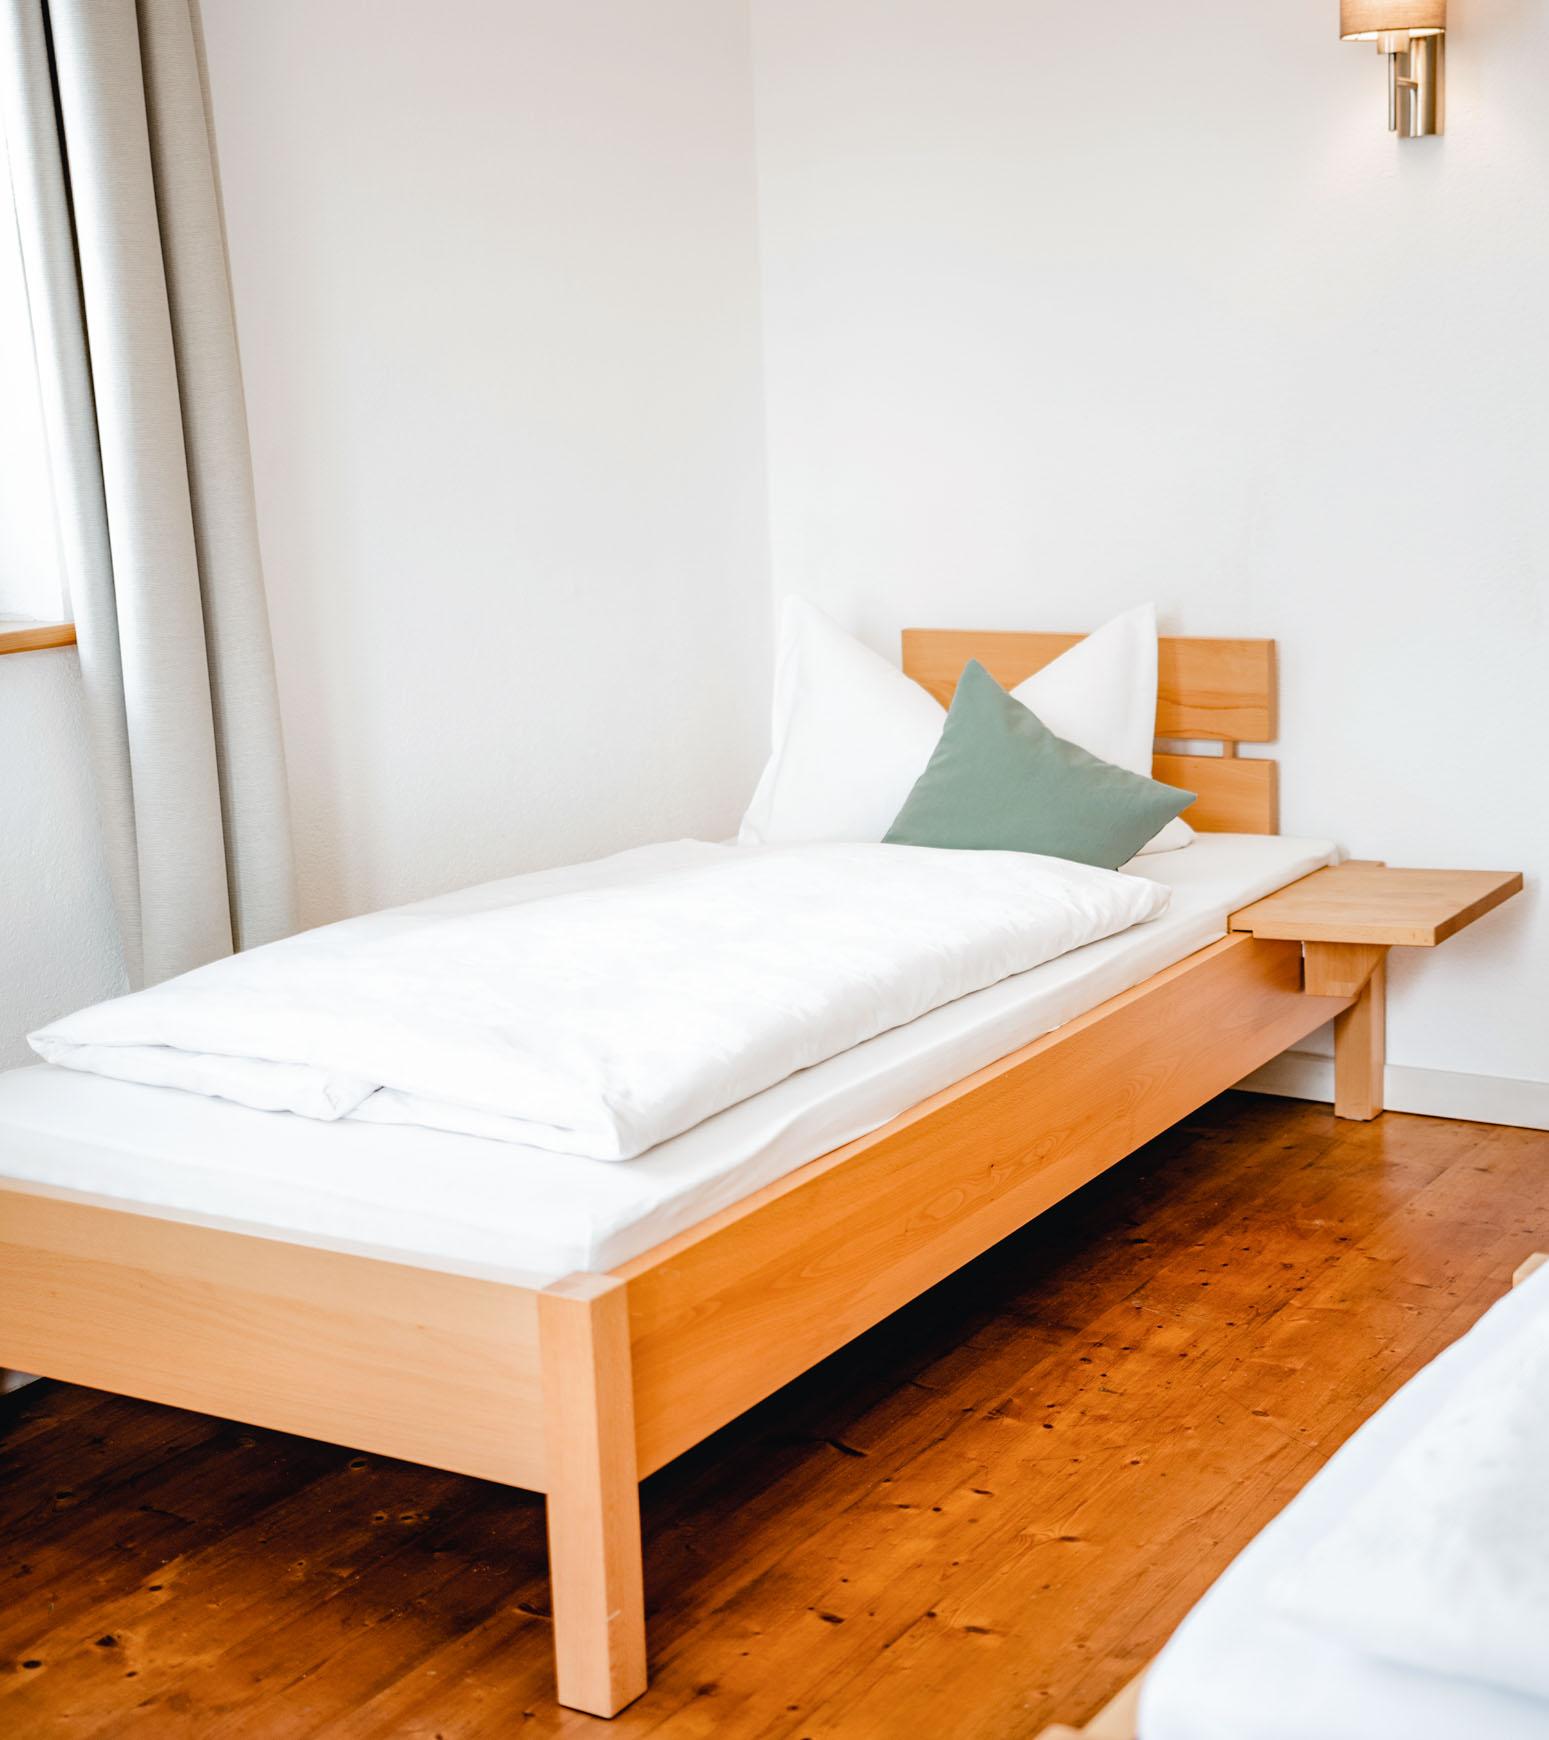 Mehrbettzimmer - Einzelbett